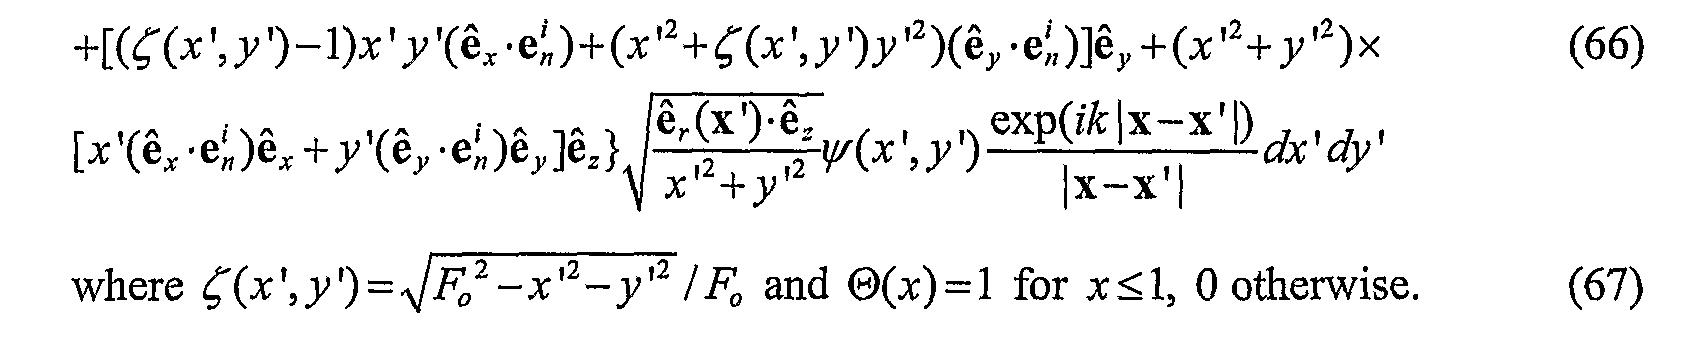 Figure imgf000111_0020